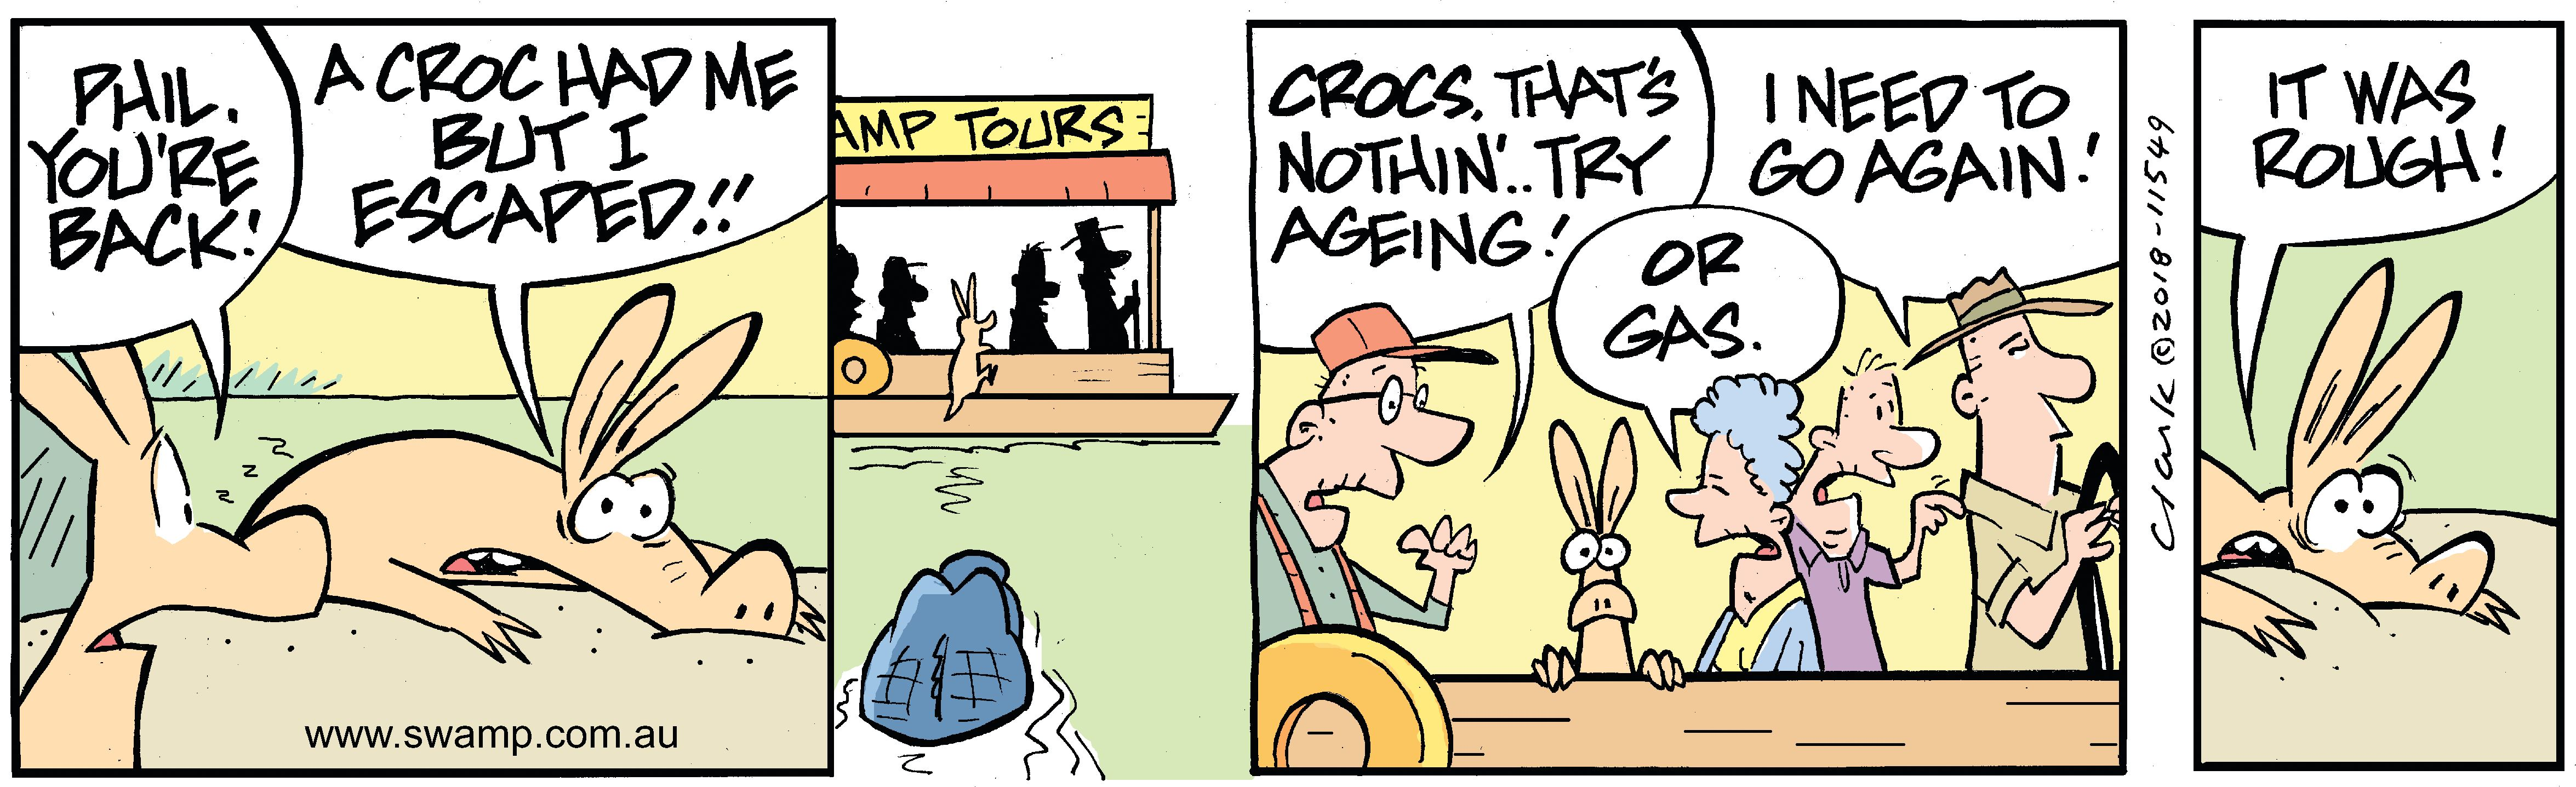 Phil Aardvark Escape Comic